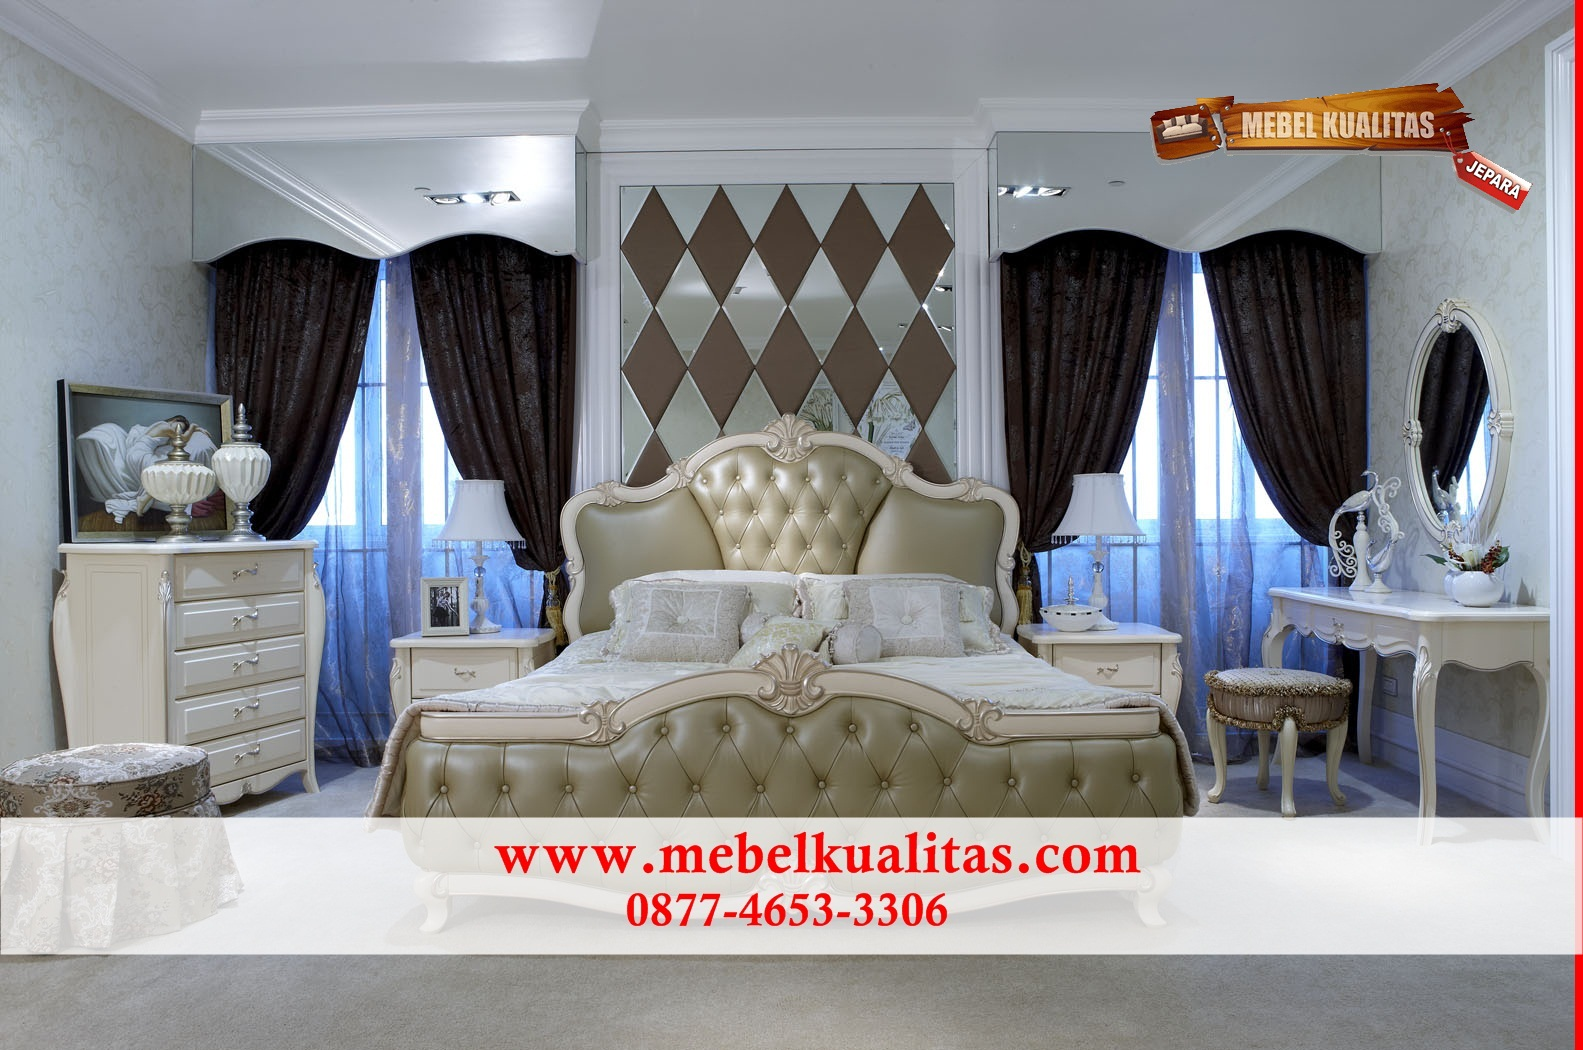 kamar tidur mewah, kamar tidur asli jepara, kamar tidur minimalis, kamar tidur jepara